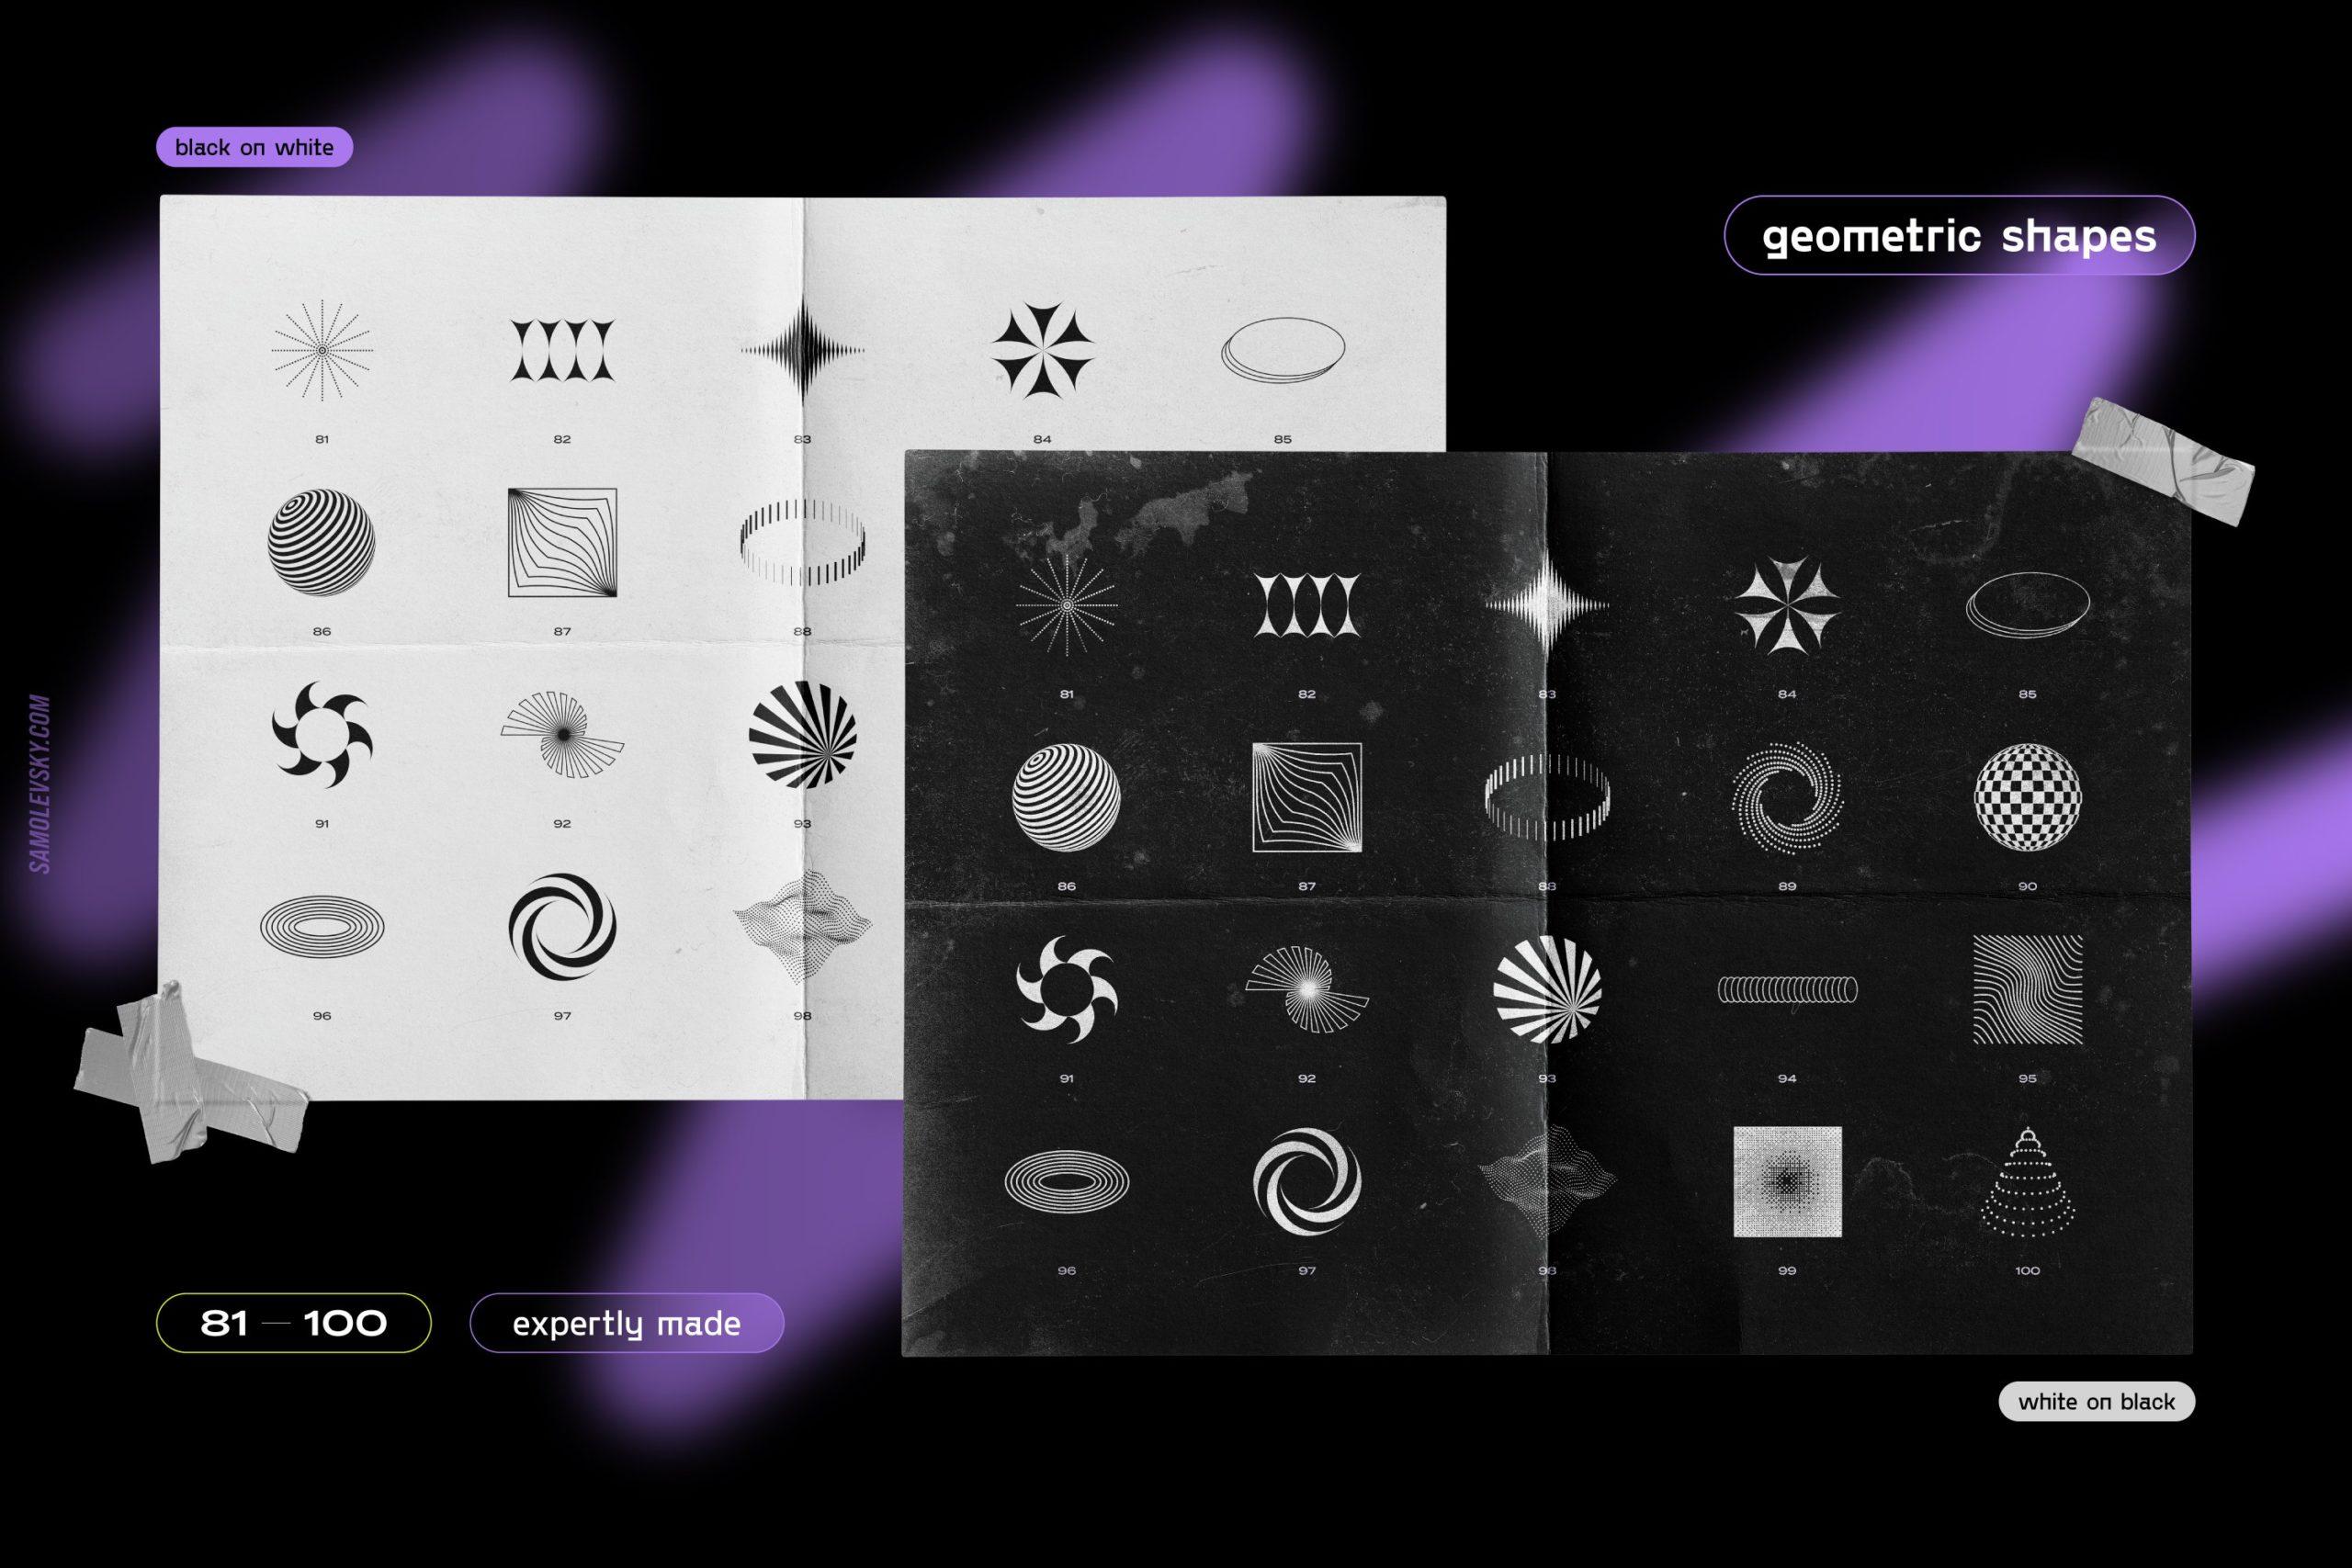 [淘宝购买] 时尚潮流抽象扭曲多边形几何海报设计矢量设计素材 Geometric Shapes For Poster Design插图13